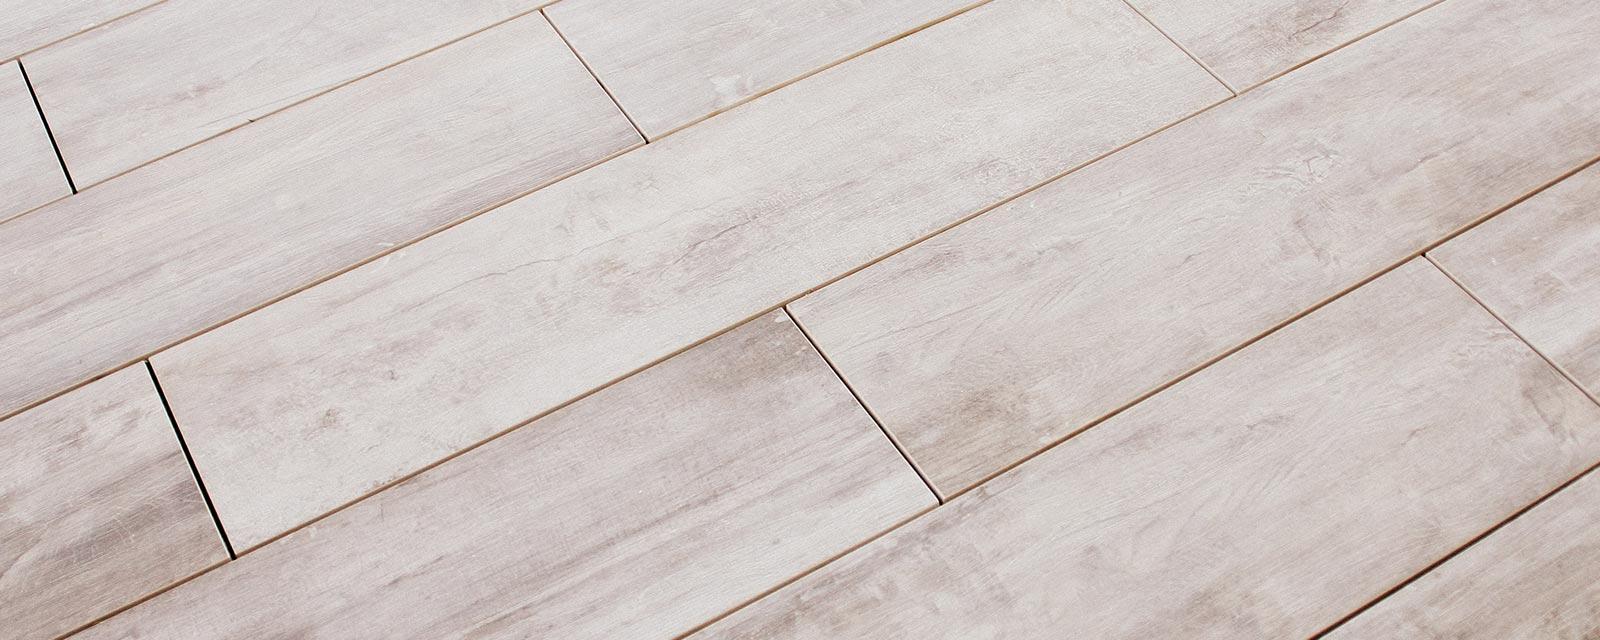 Placer Du Parquet Sur Du Carrelage comment poser du carrelage sur un plancher chauffant | guide